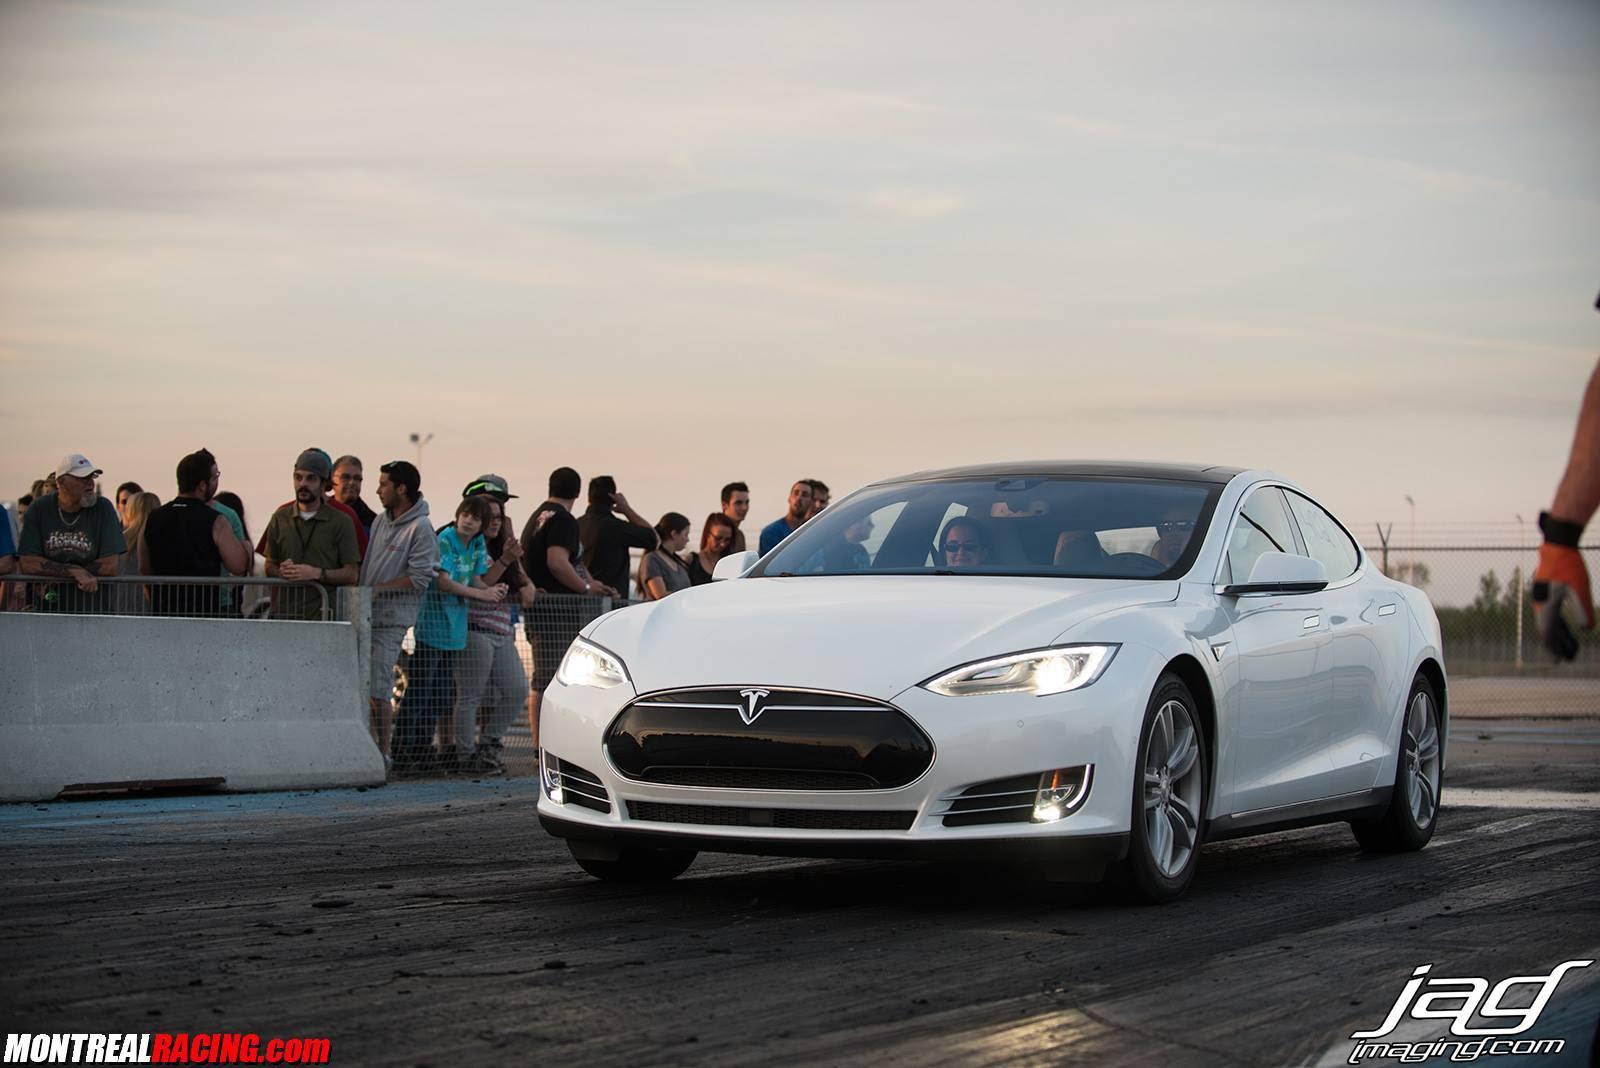 Stock 2015 Tesla Model S 85d 14 Mile Drag Racing Timeslip